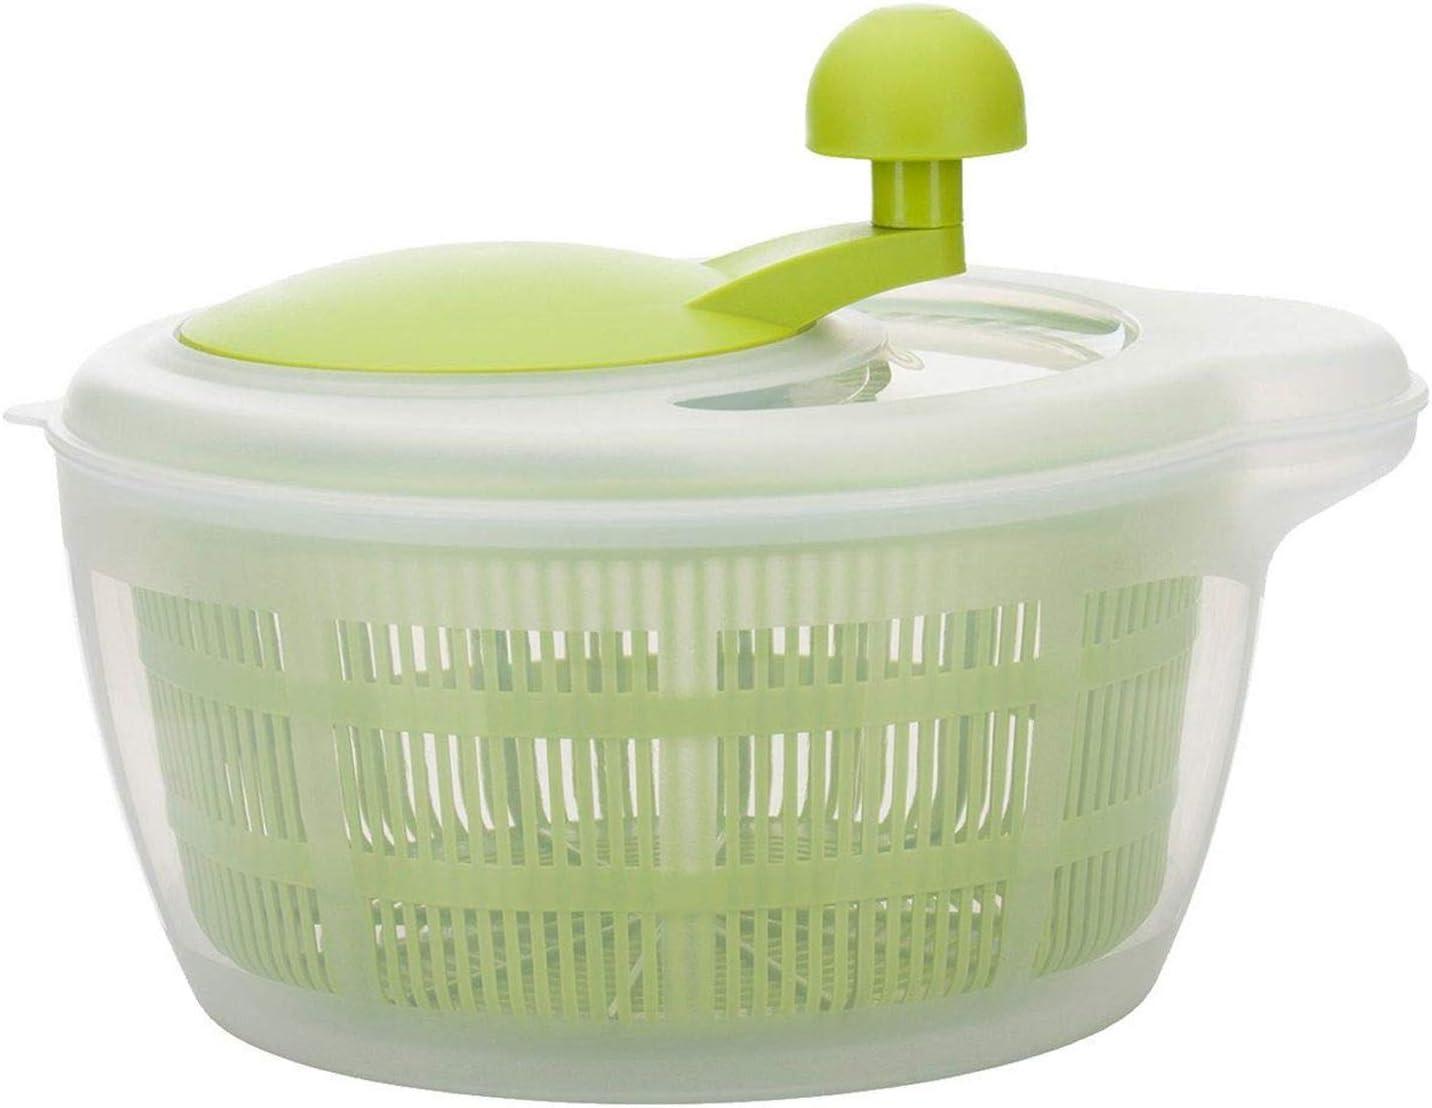 Westmark 2432224A Essoreuse à Salade Fortuna sans Pieds Anti-dérapants en Vert Pomme, Plastique, 30 cm